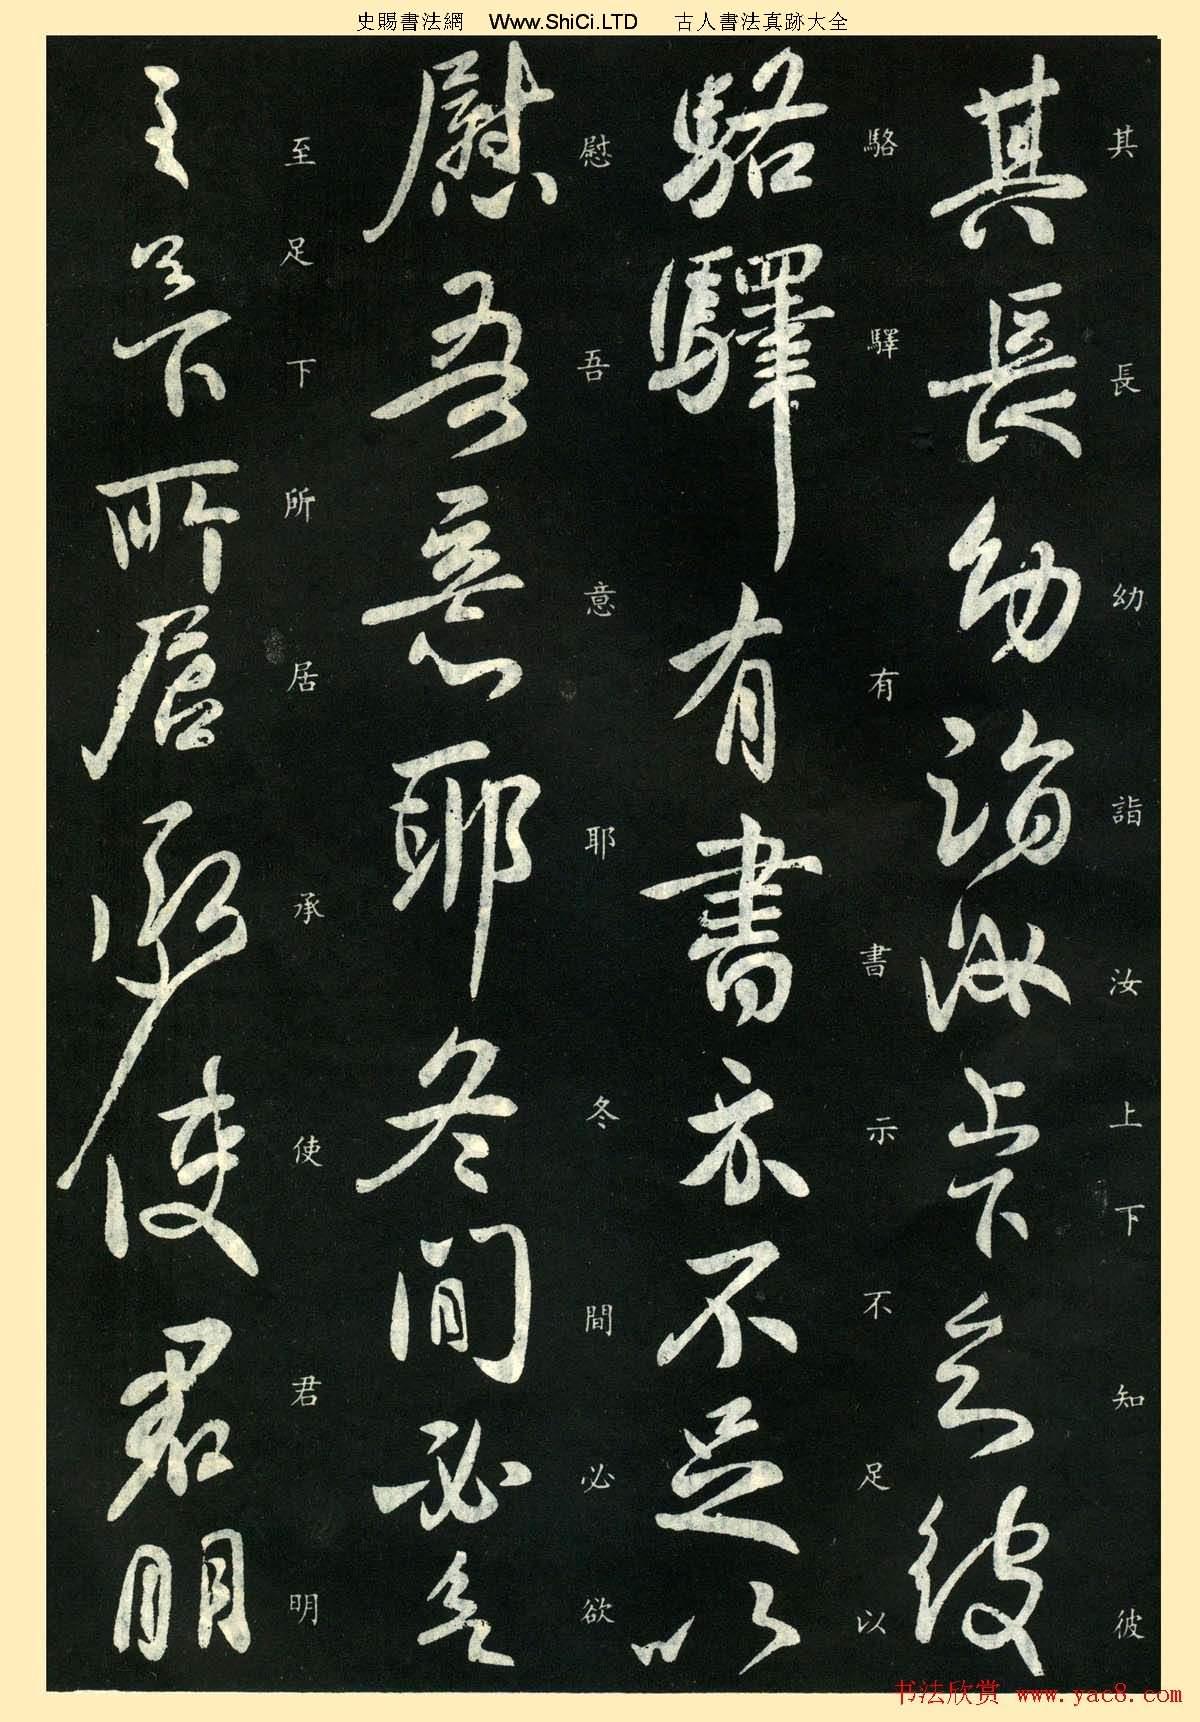 東晋大書家の王献之行書真筆による『更等帖』(全4枚の写真)の鑑賞